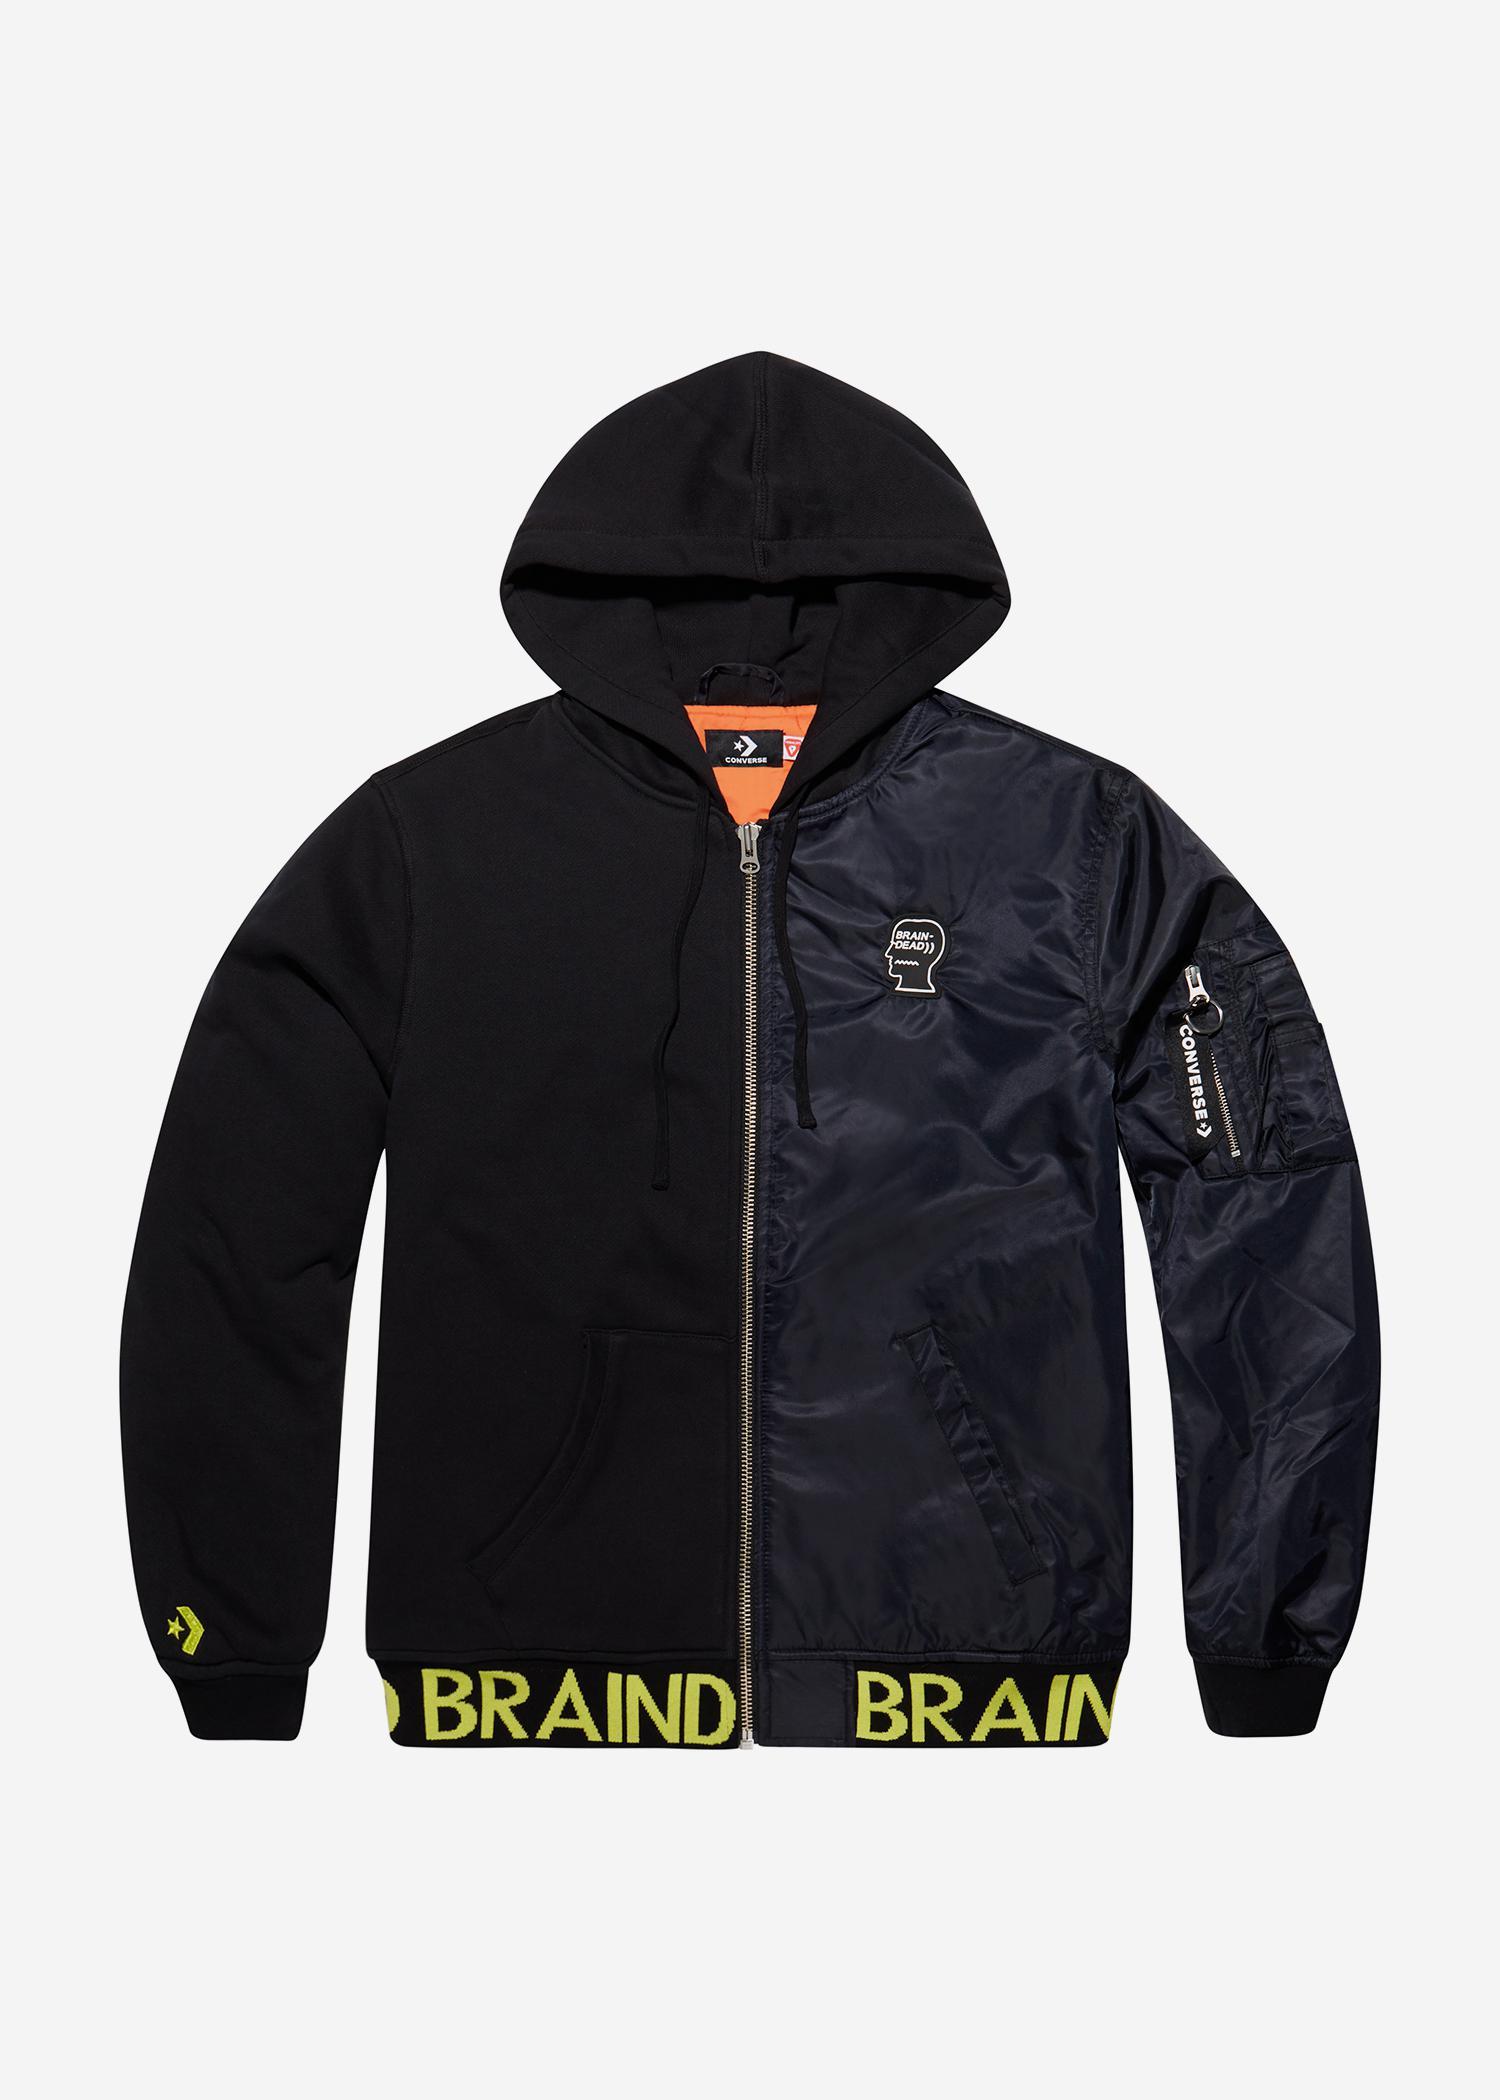 4b9541045b6c Lyst - Converse X Brain Dead Hooded Bomber Jacket in Black for Men